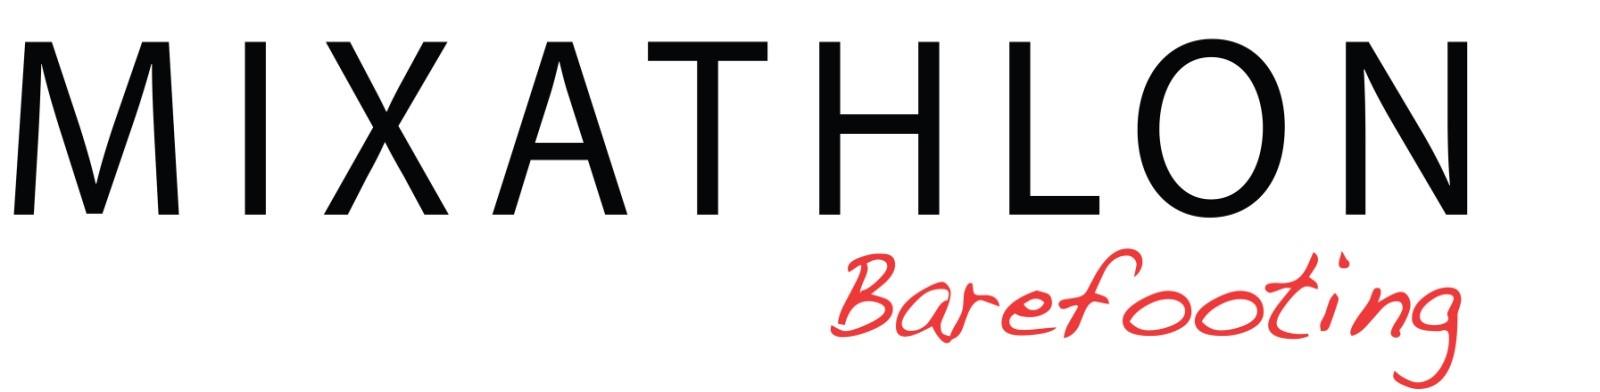 MIXATHLON Barefooting -logo